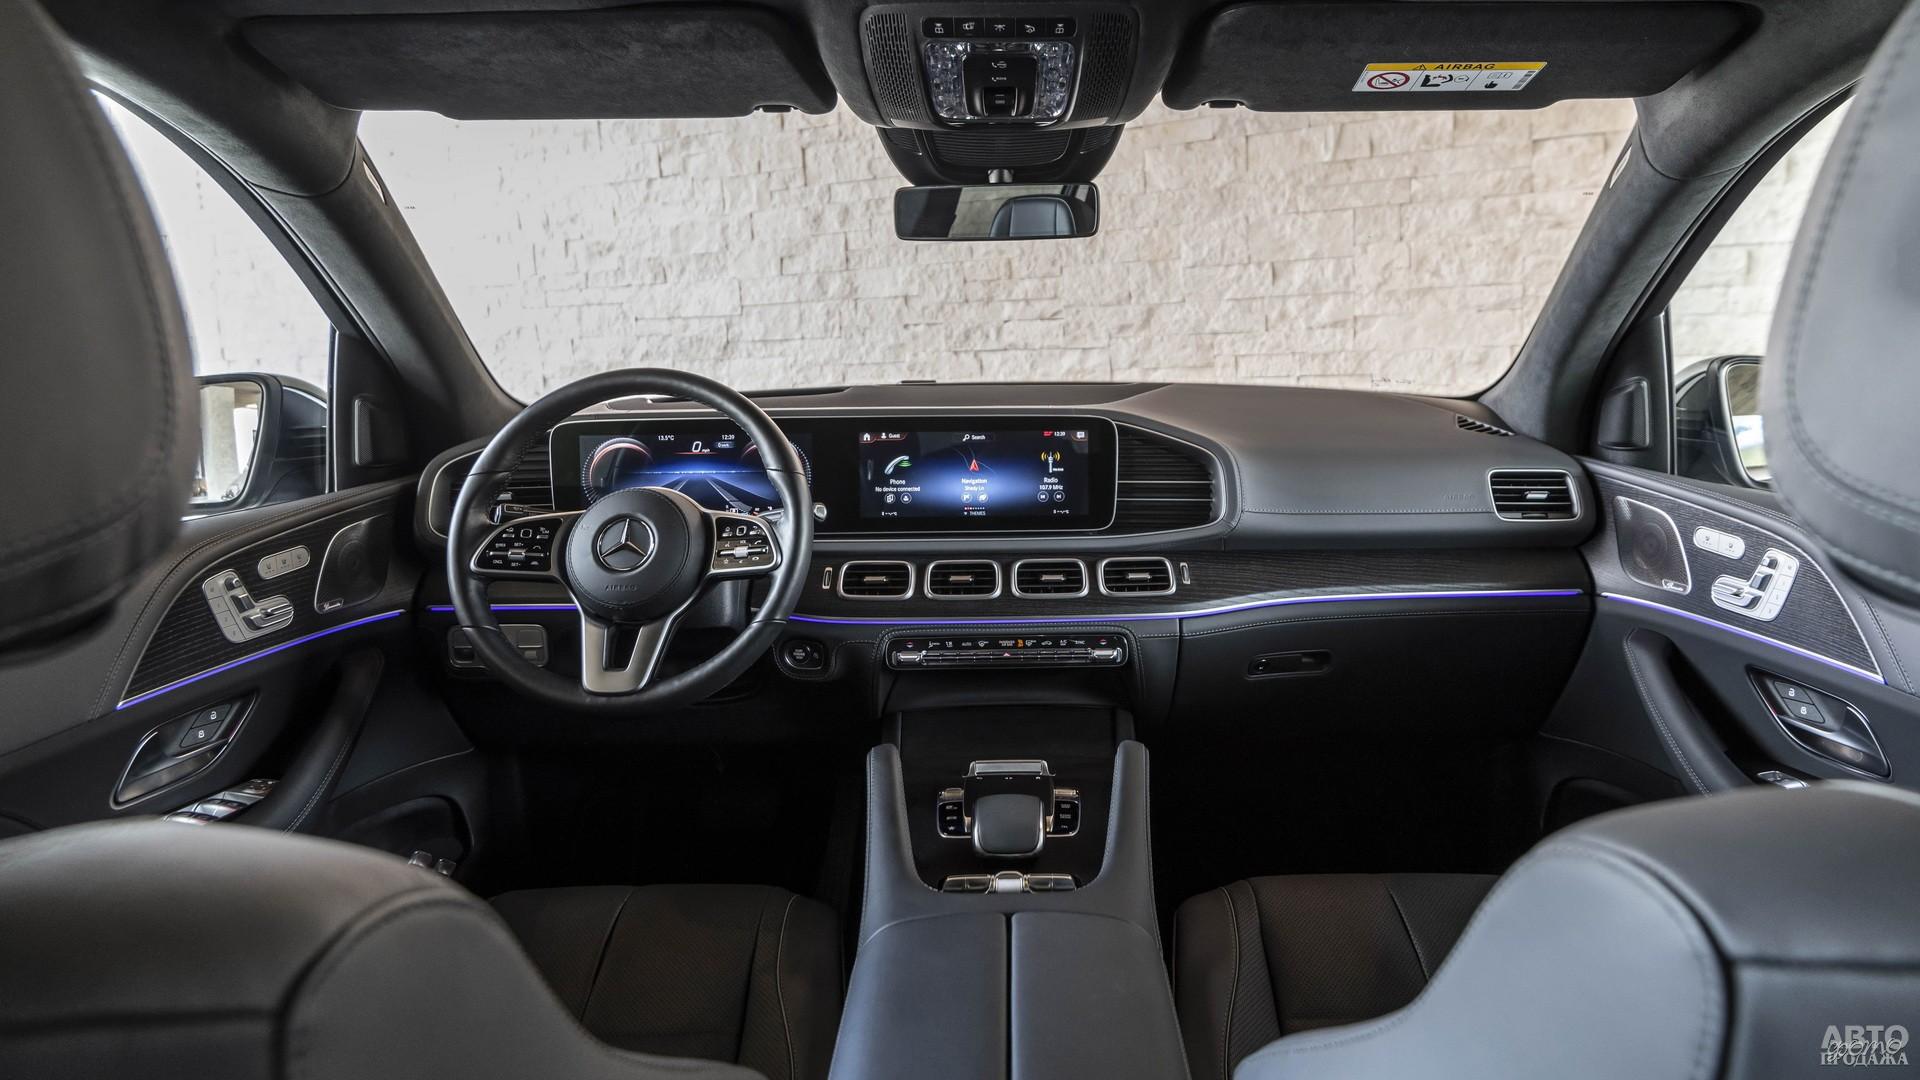 Цифровая панель приборов Мercedes-Benz соединена с сенсорным дисплеем